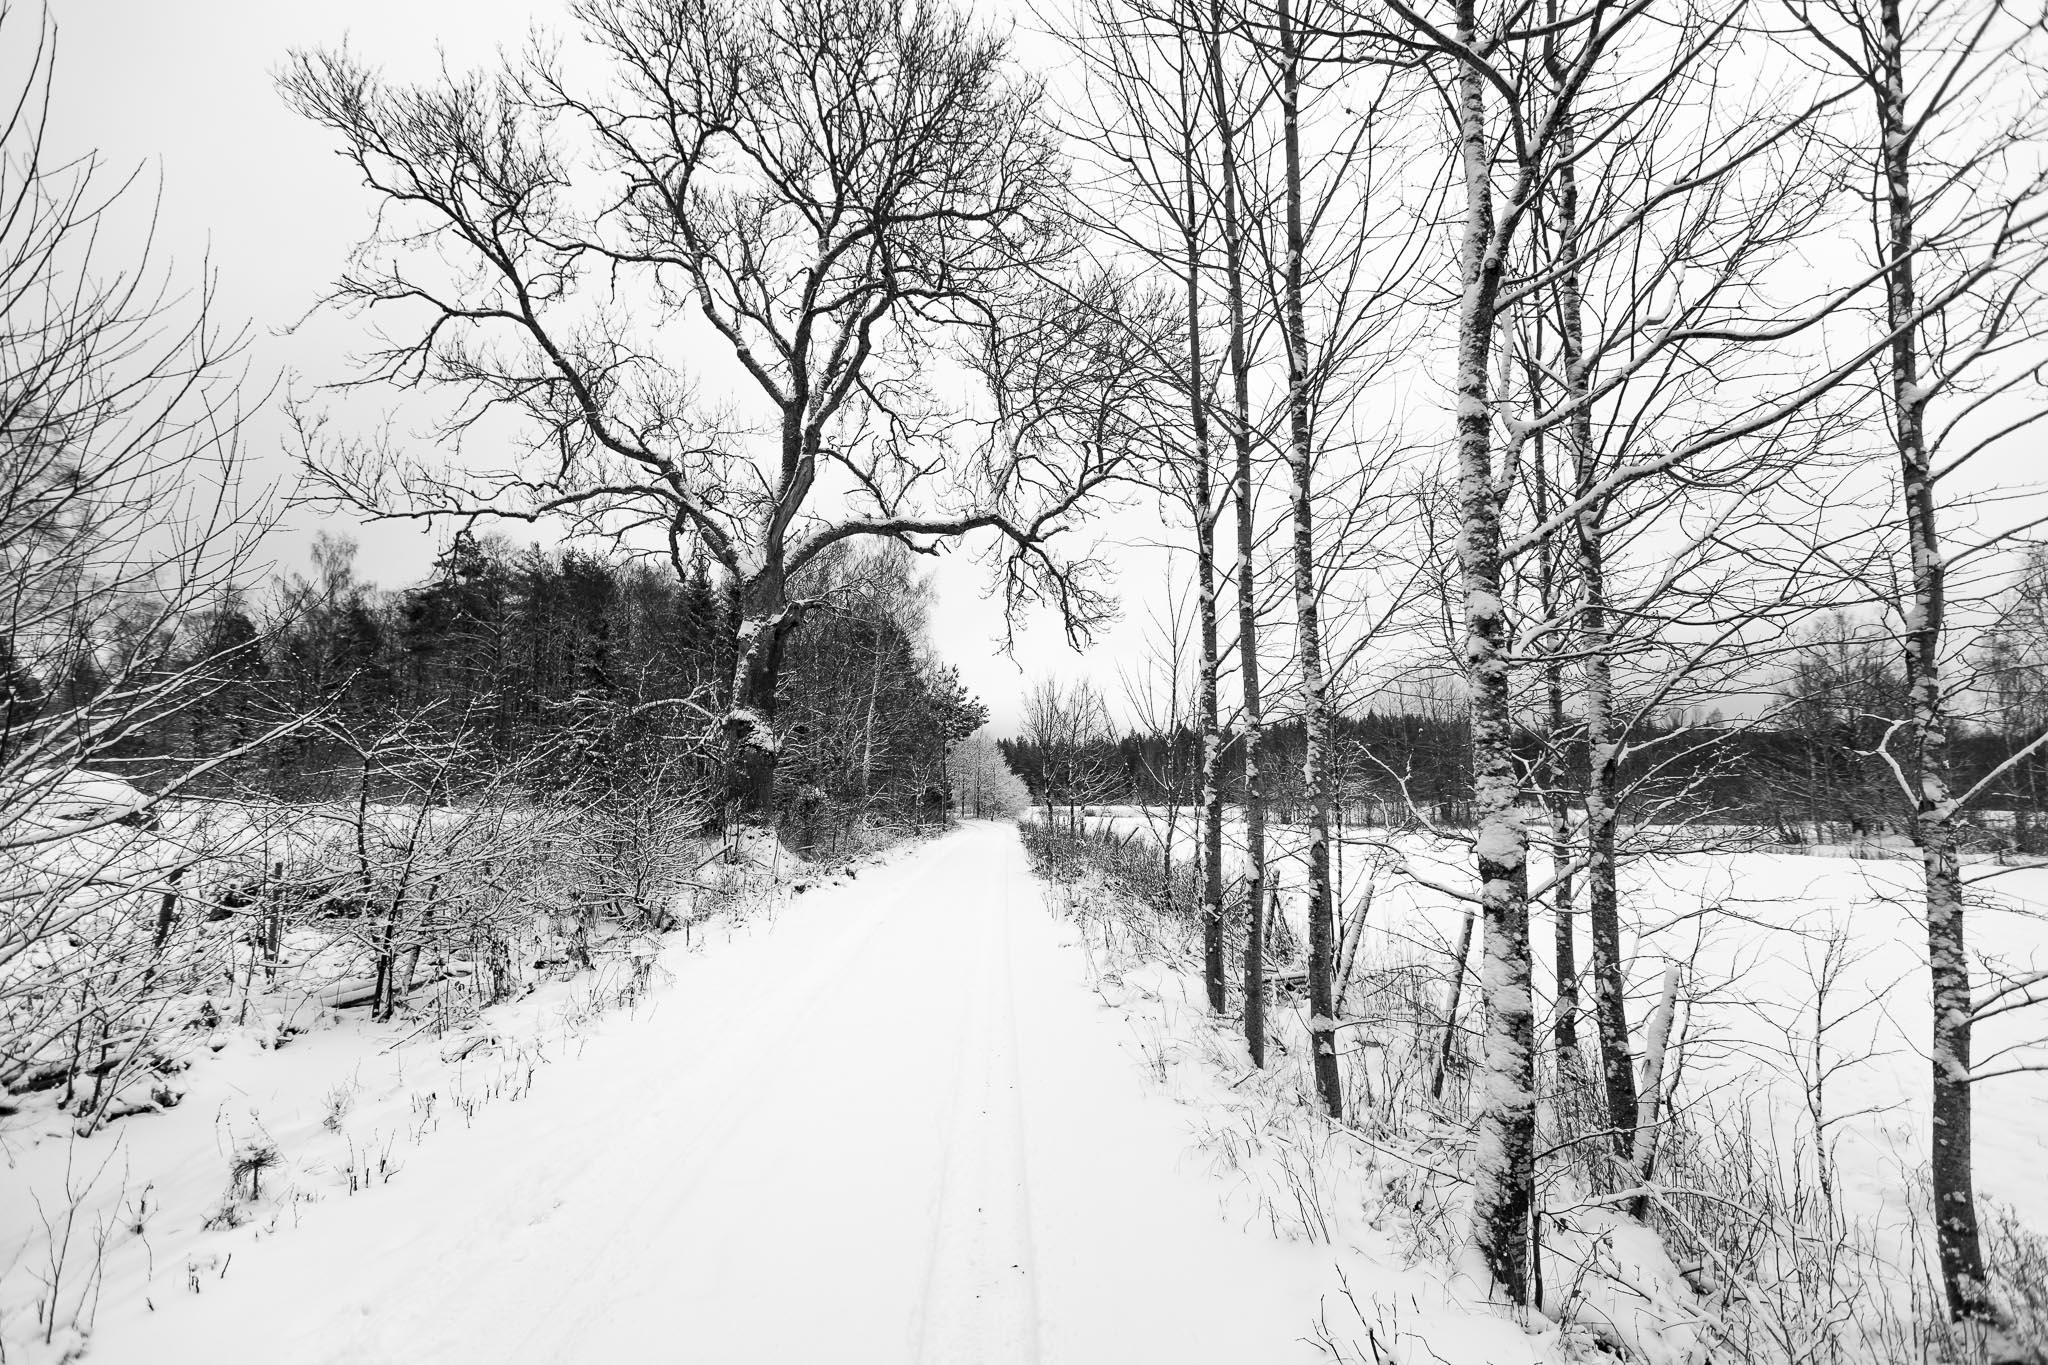 Vinter i Skäfshult